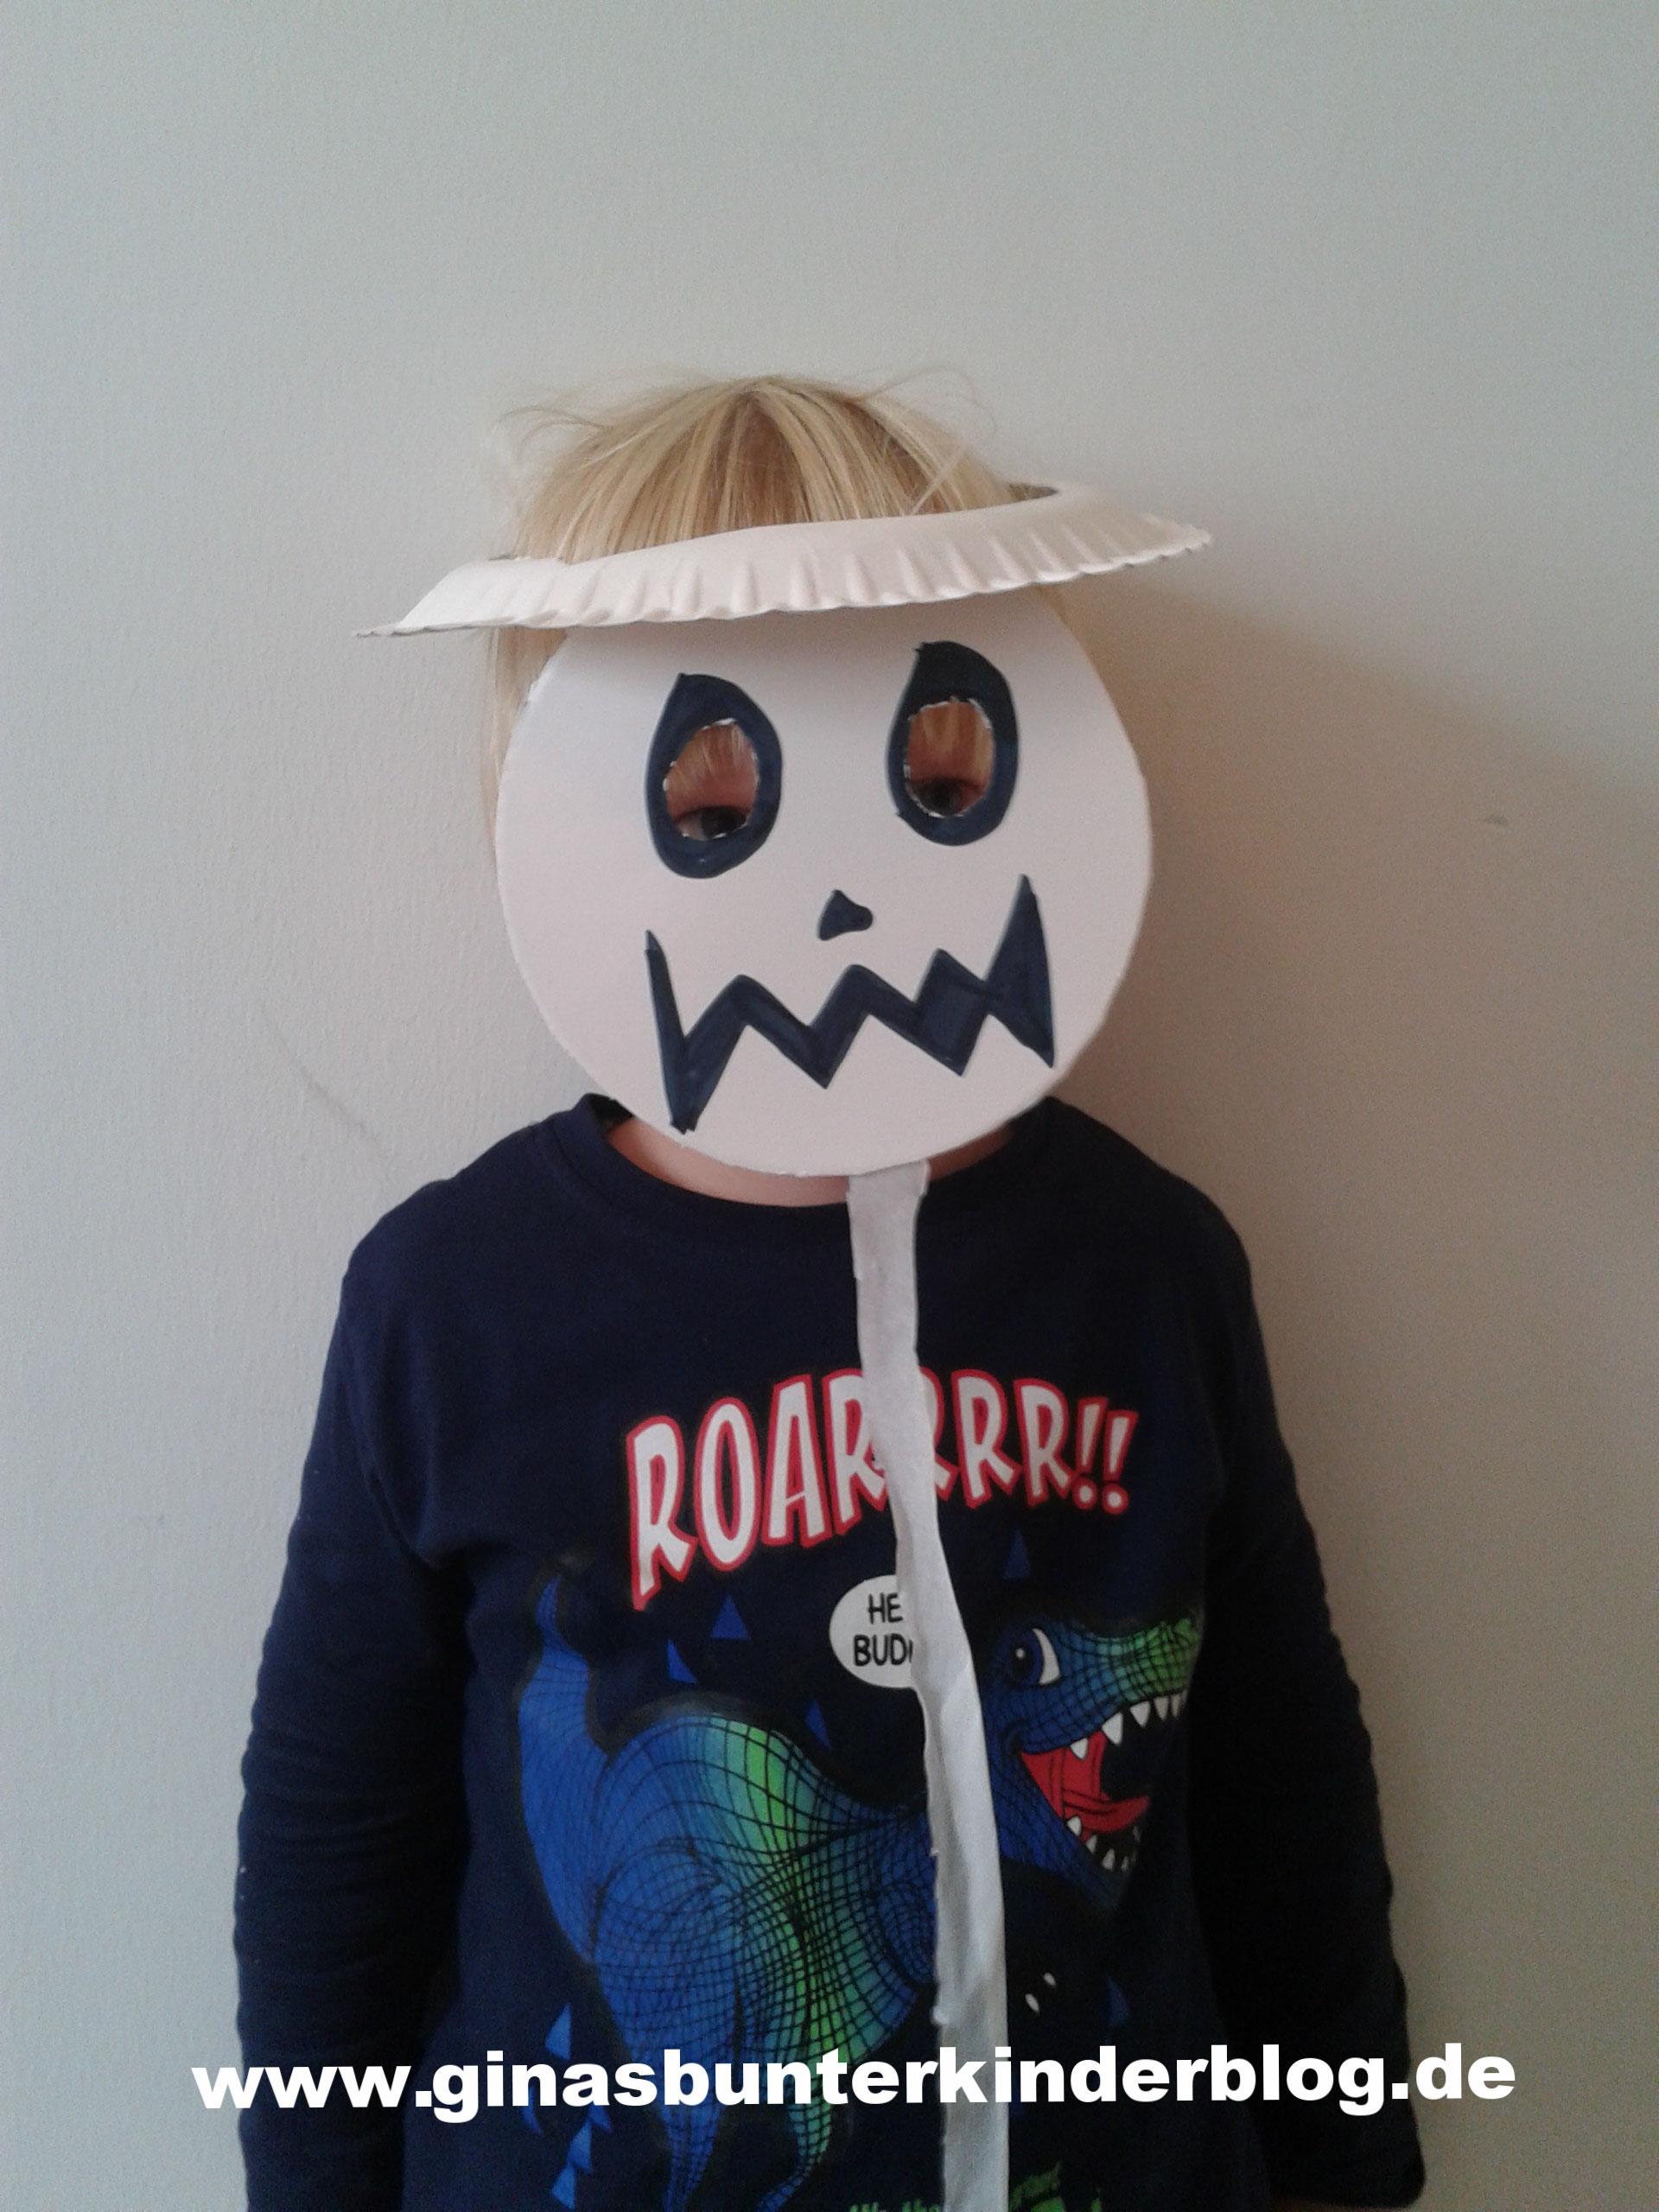 Einfache Halloween Maske Ginasbunterkinderblogs Der